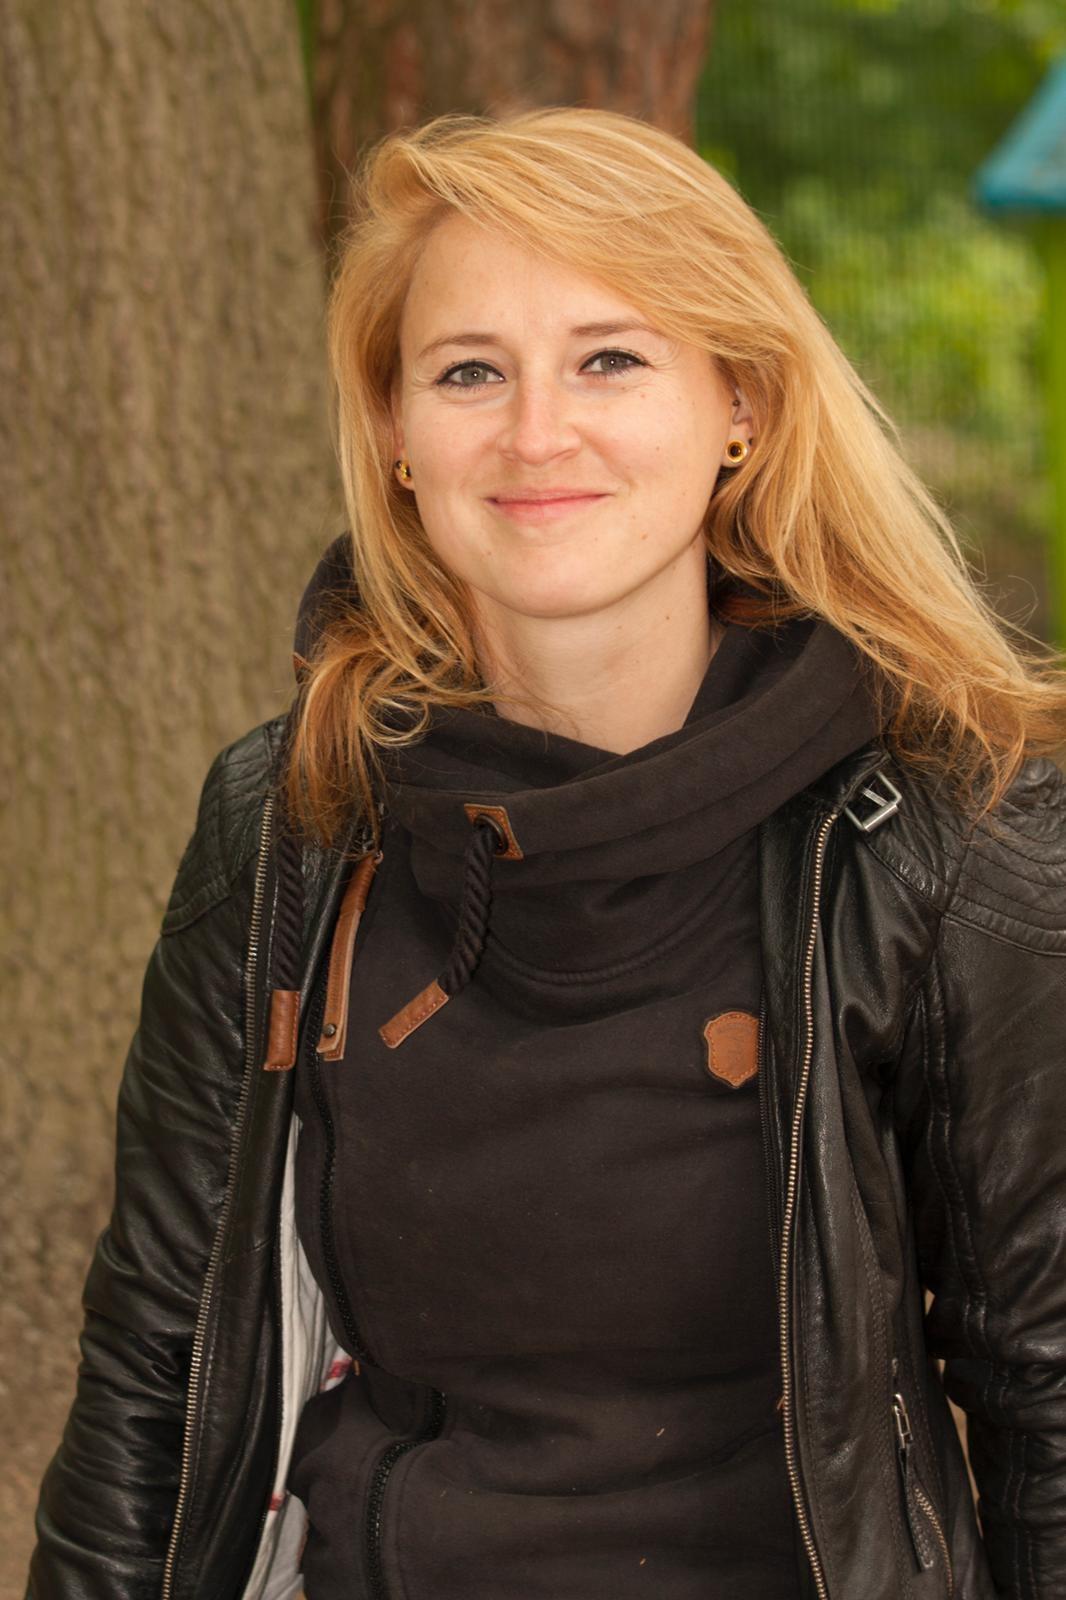 Jessica Hanisch